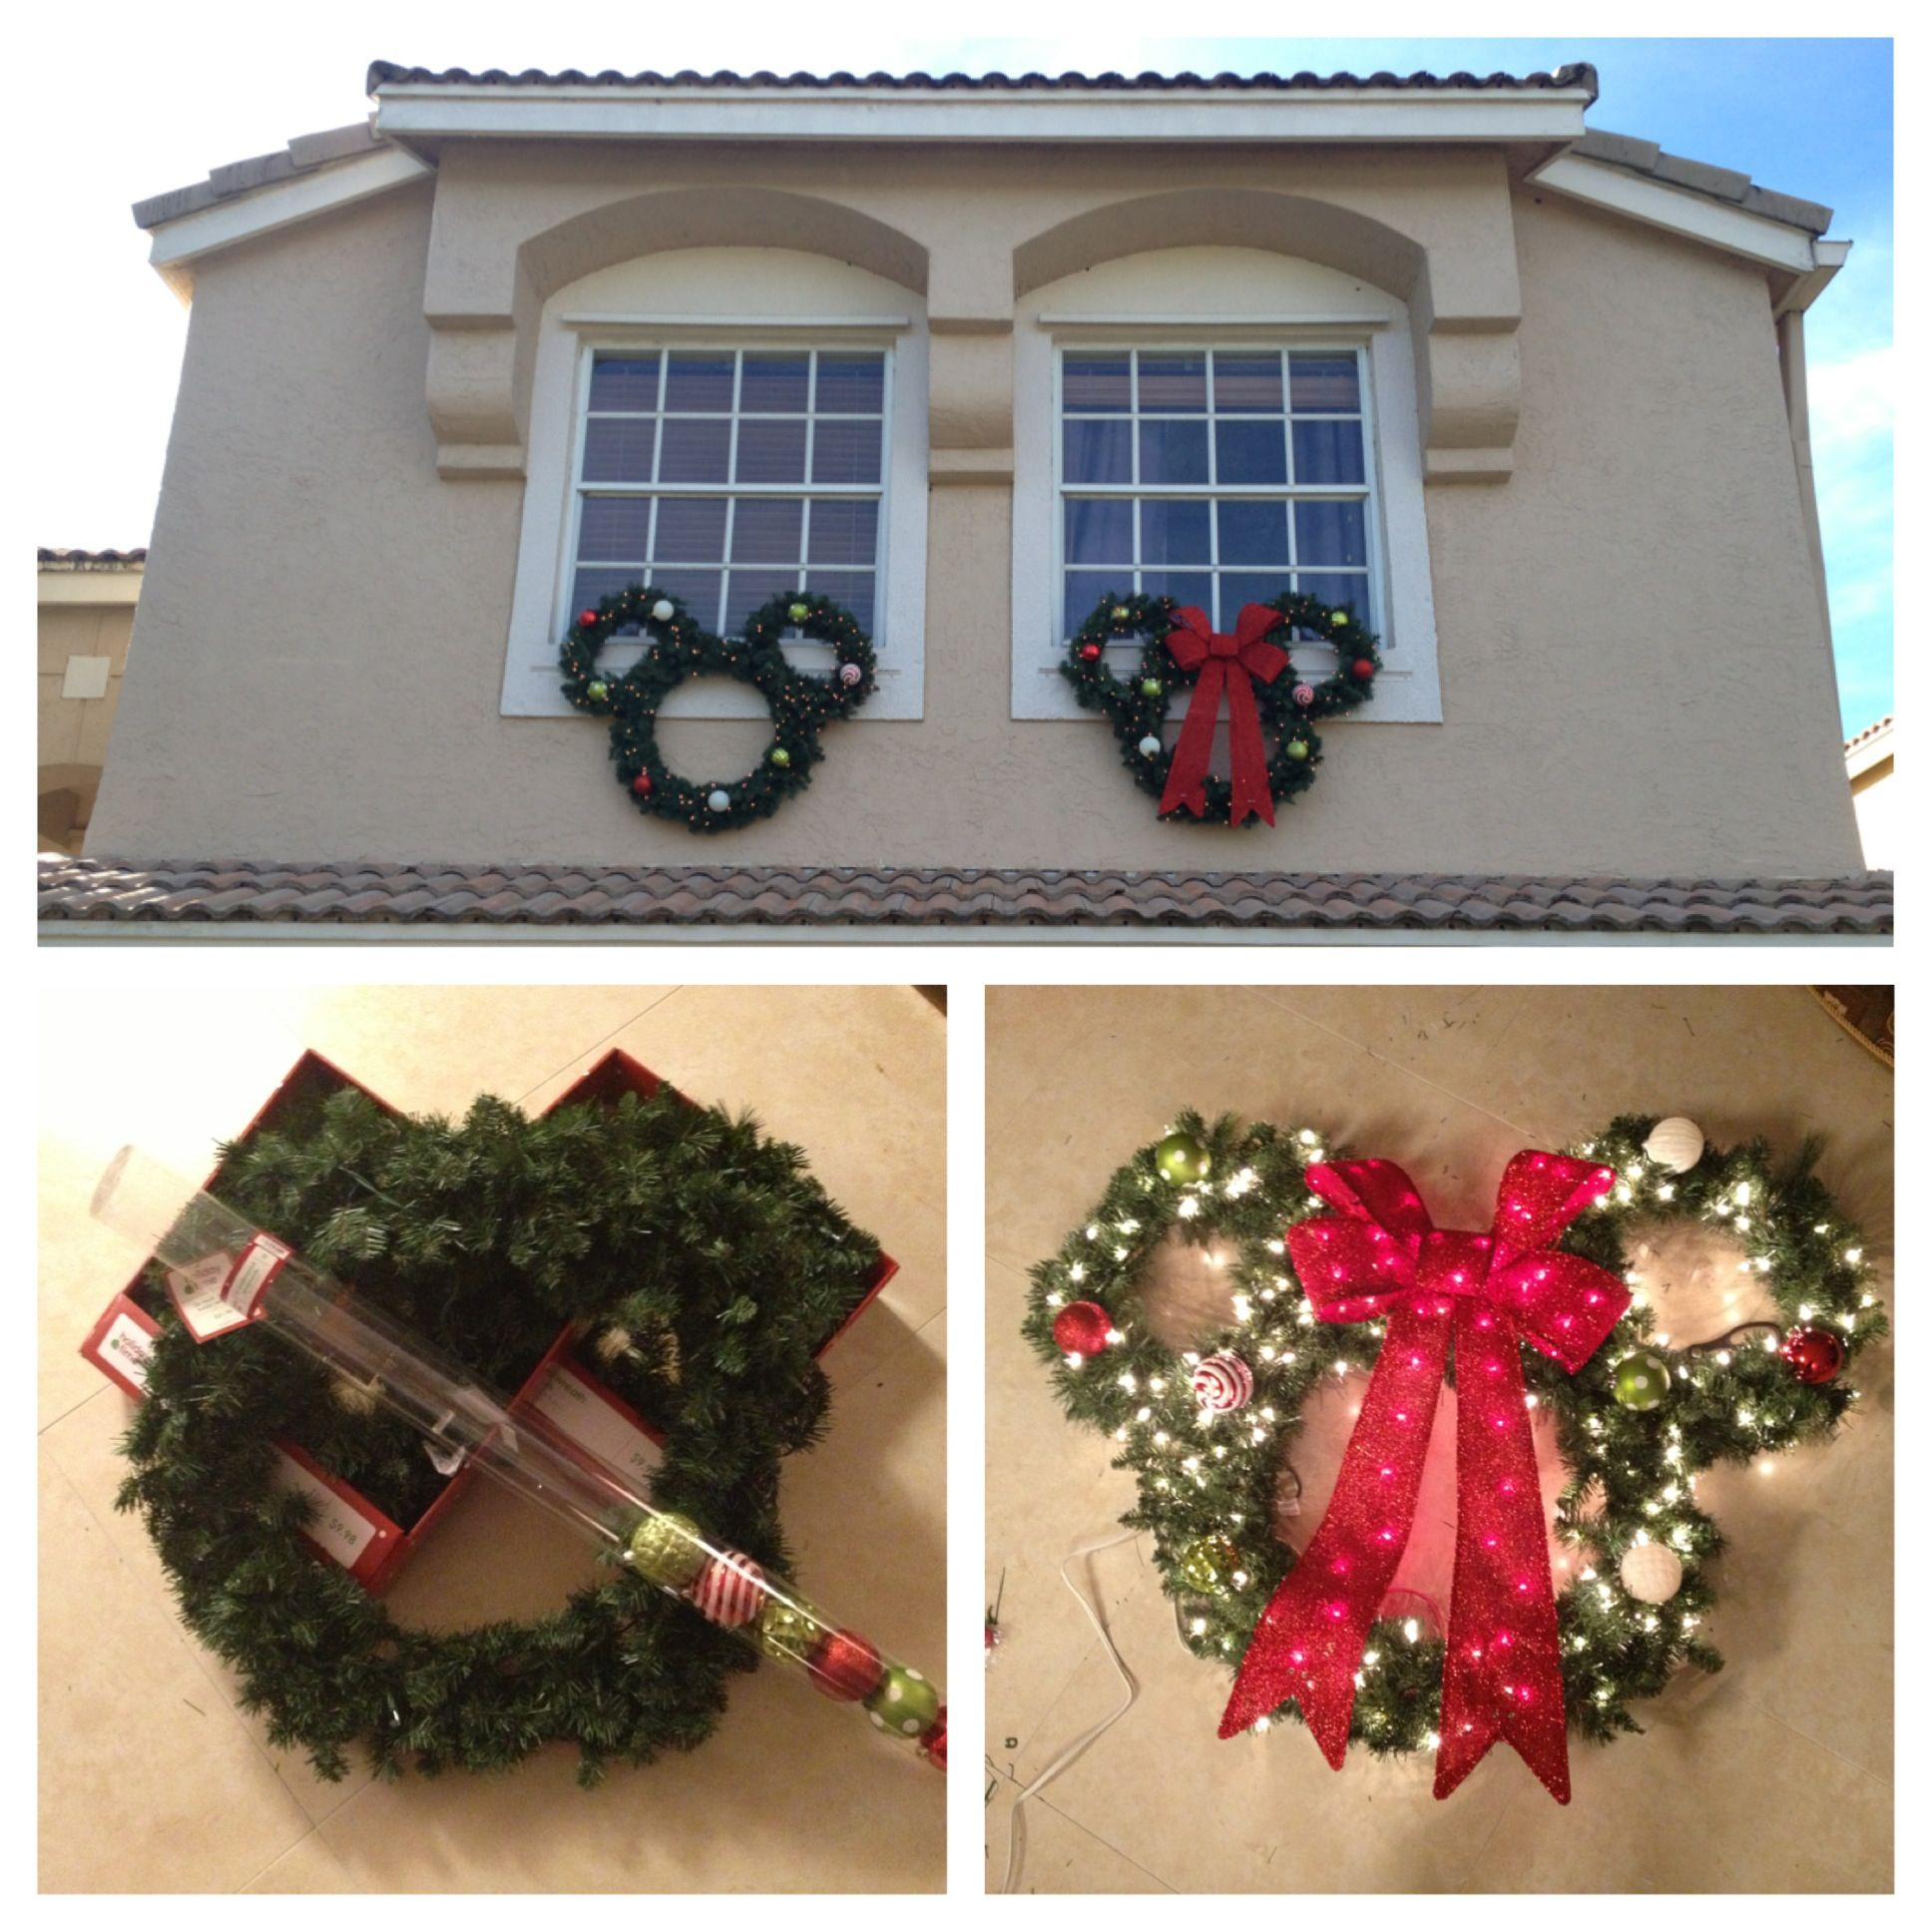 Disney christmas decorations for home - Christmas Decor